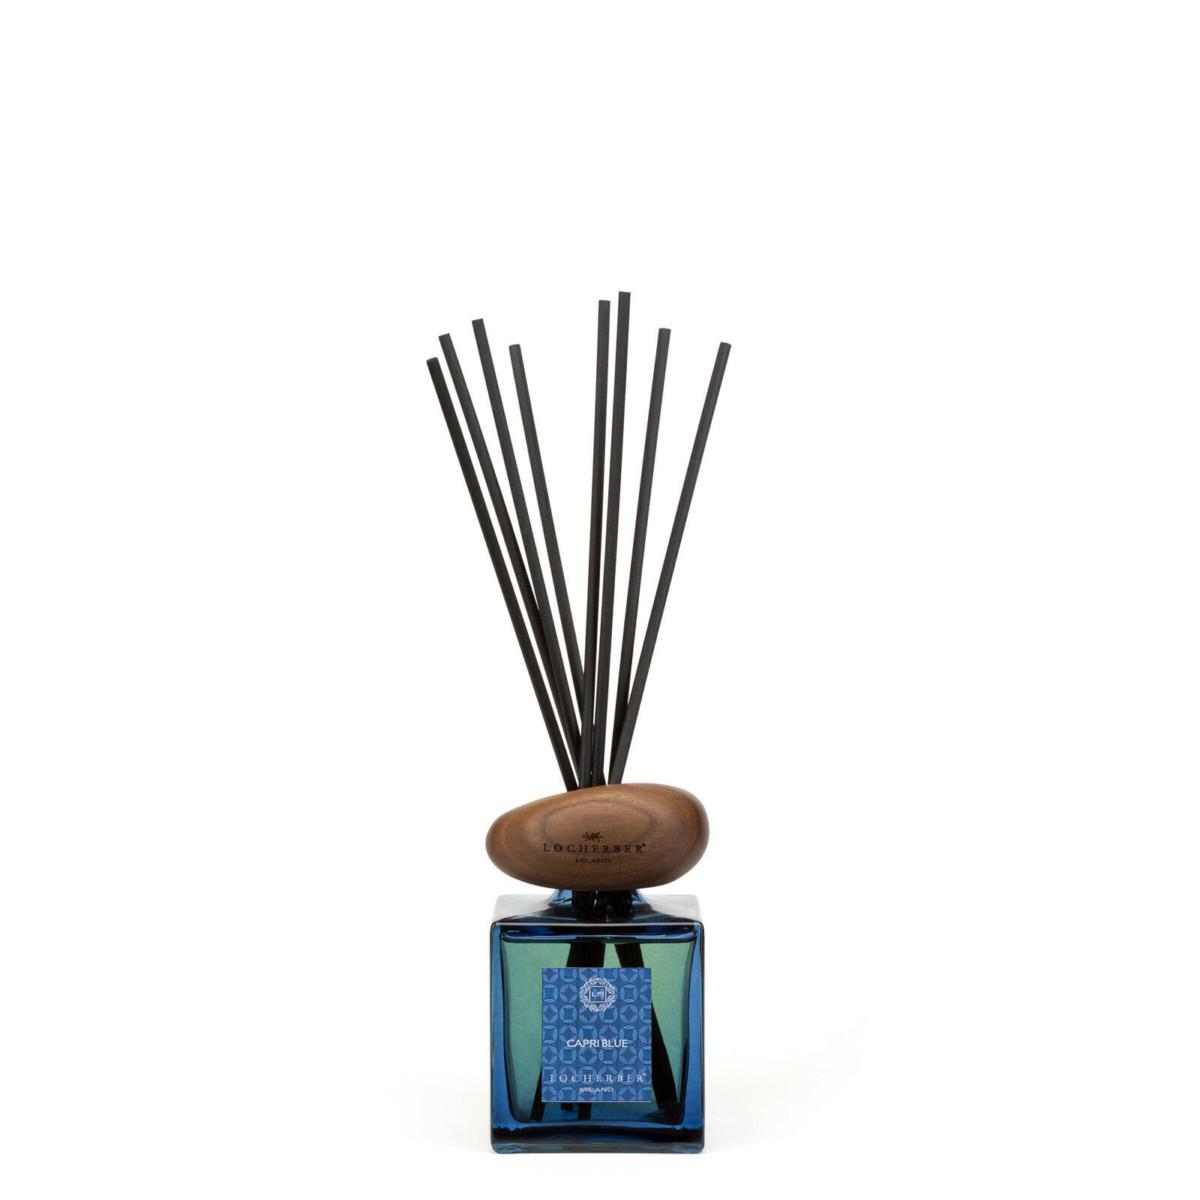 LOCHERBER MILANO DIFFUSORE BASTONCINI CAPRI BLUE TAPPO TS WOOD Limited Edition 250ML